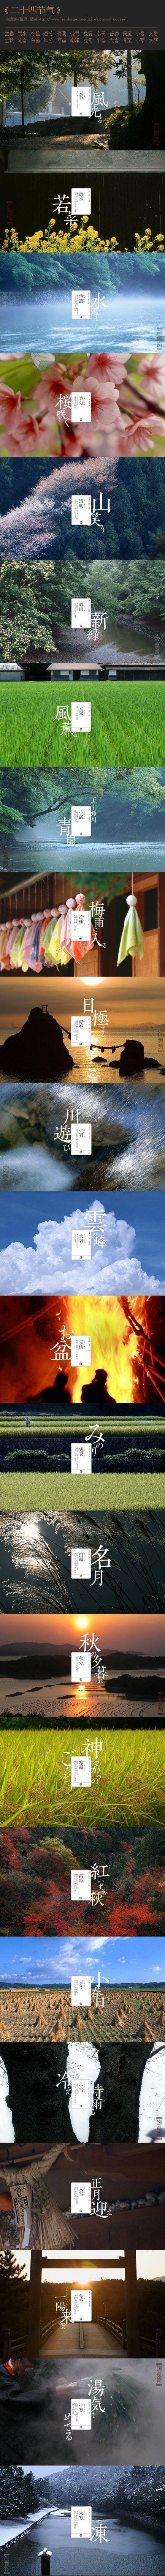 《二十四节气》的介绍- Beautiful graphic introducing nature and the weather associated with different seasons in the East.: